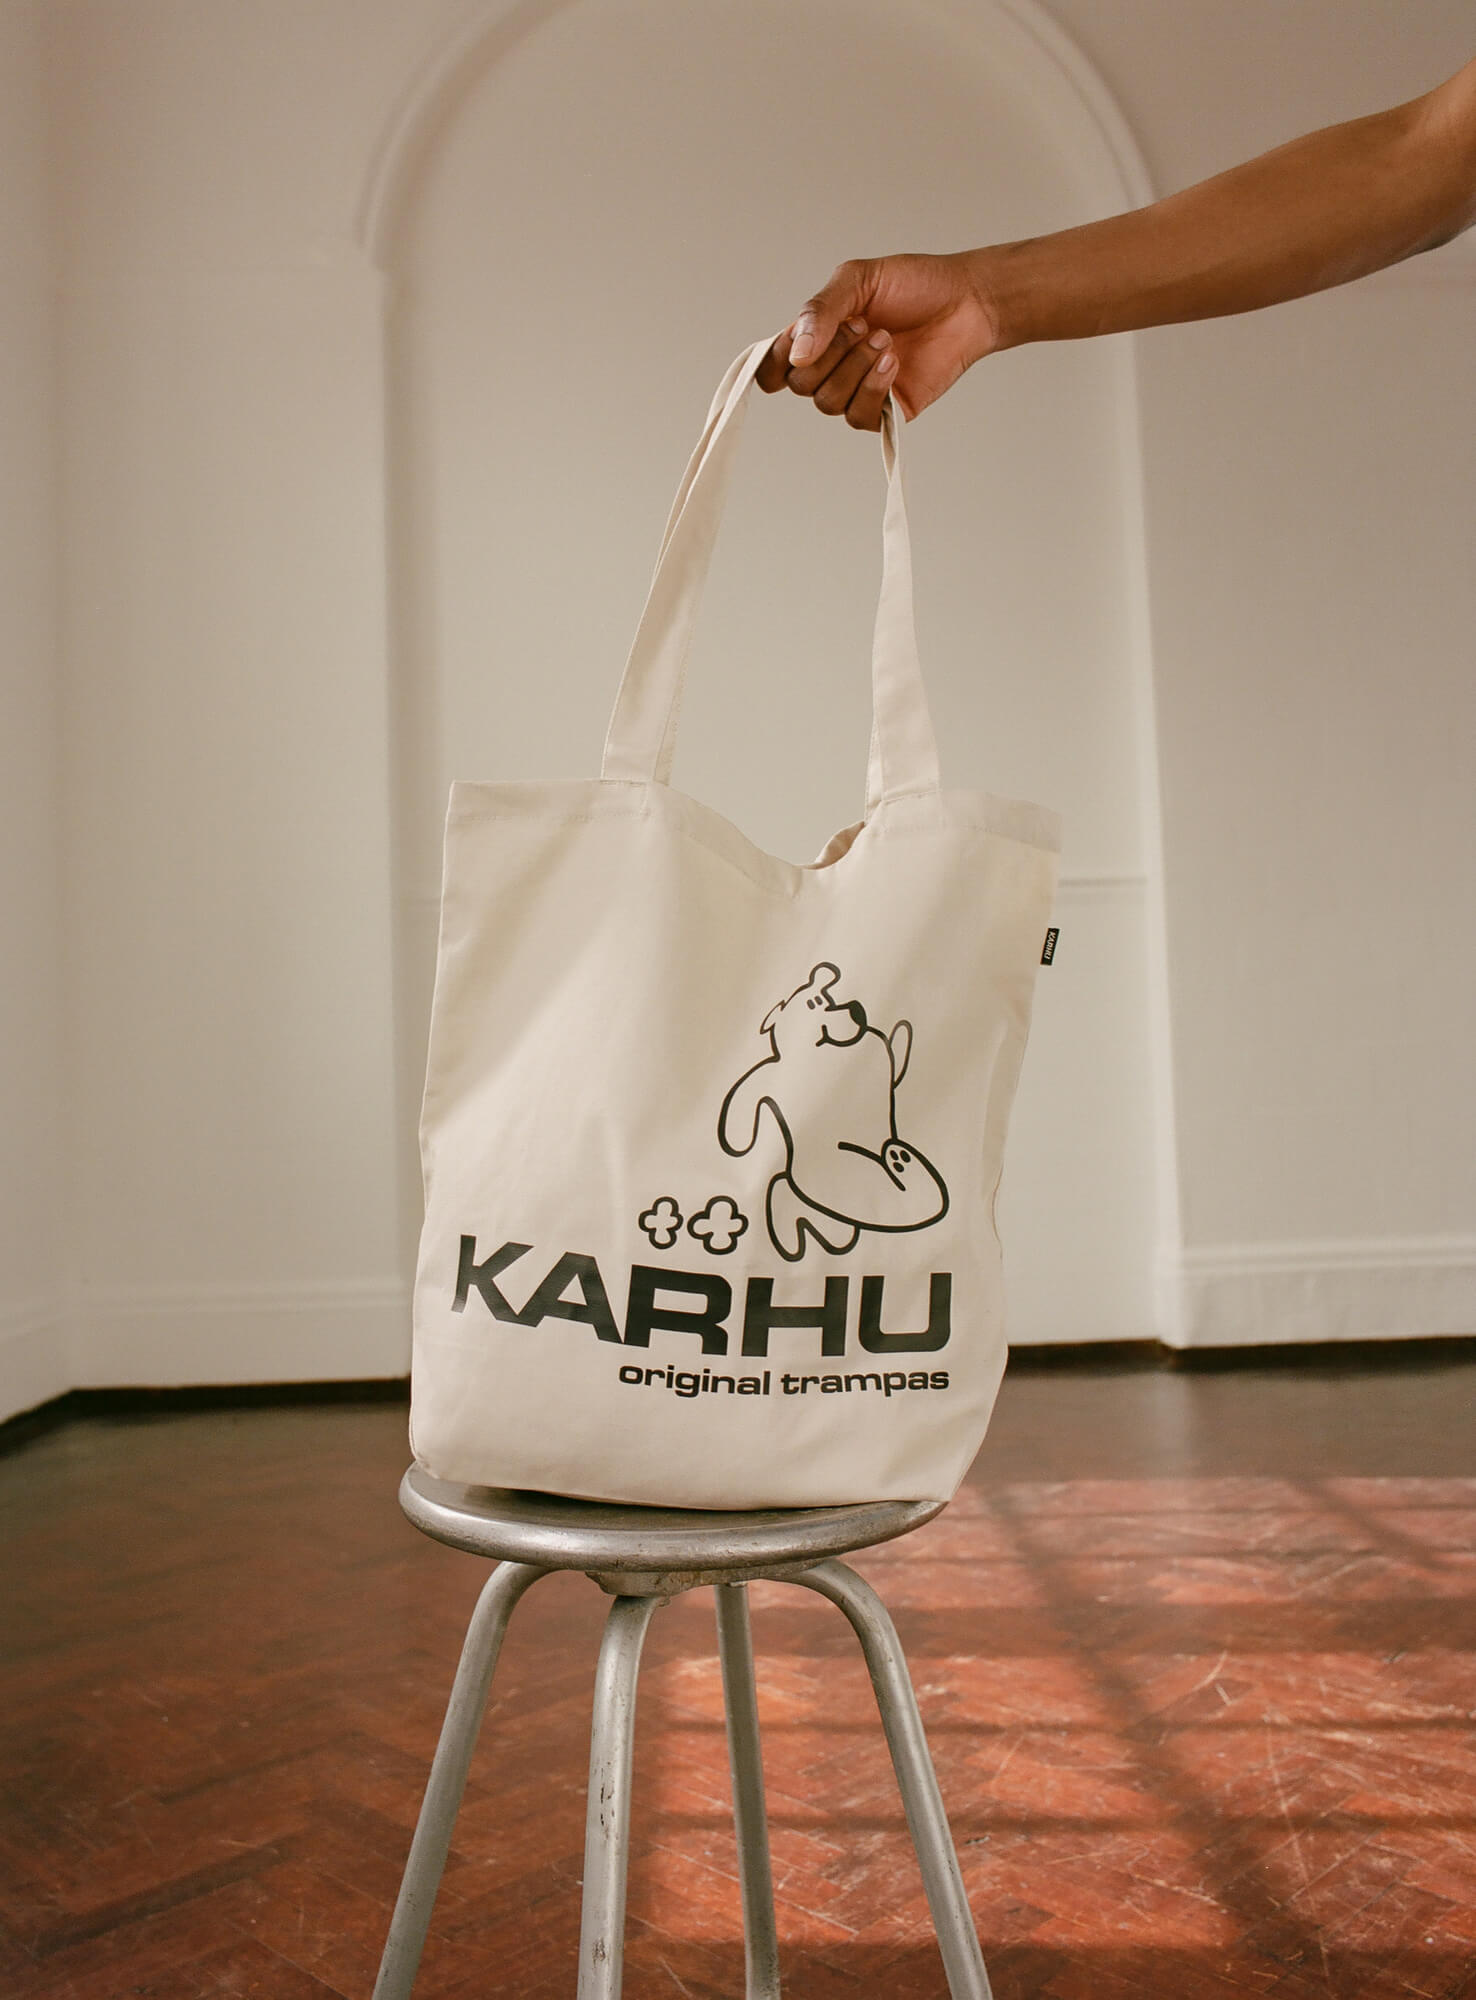 Karhu - KA00151 - Trampas Bear Totebag